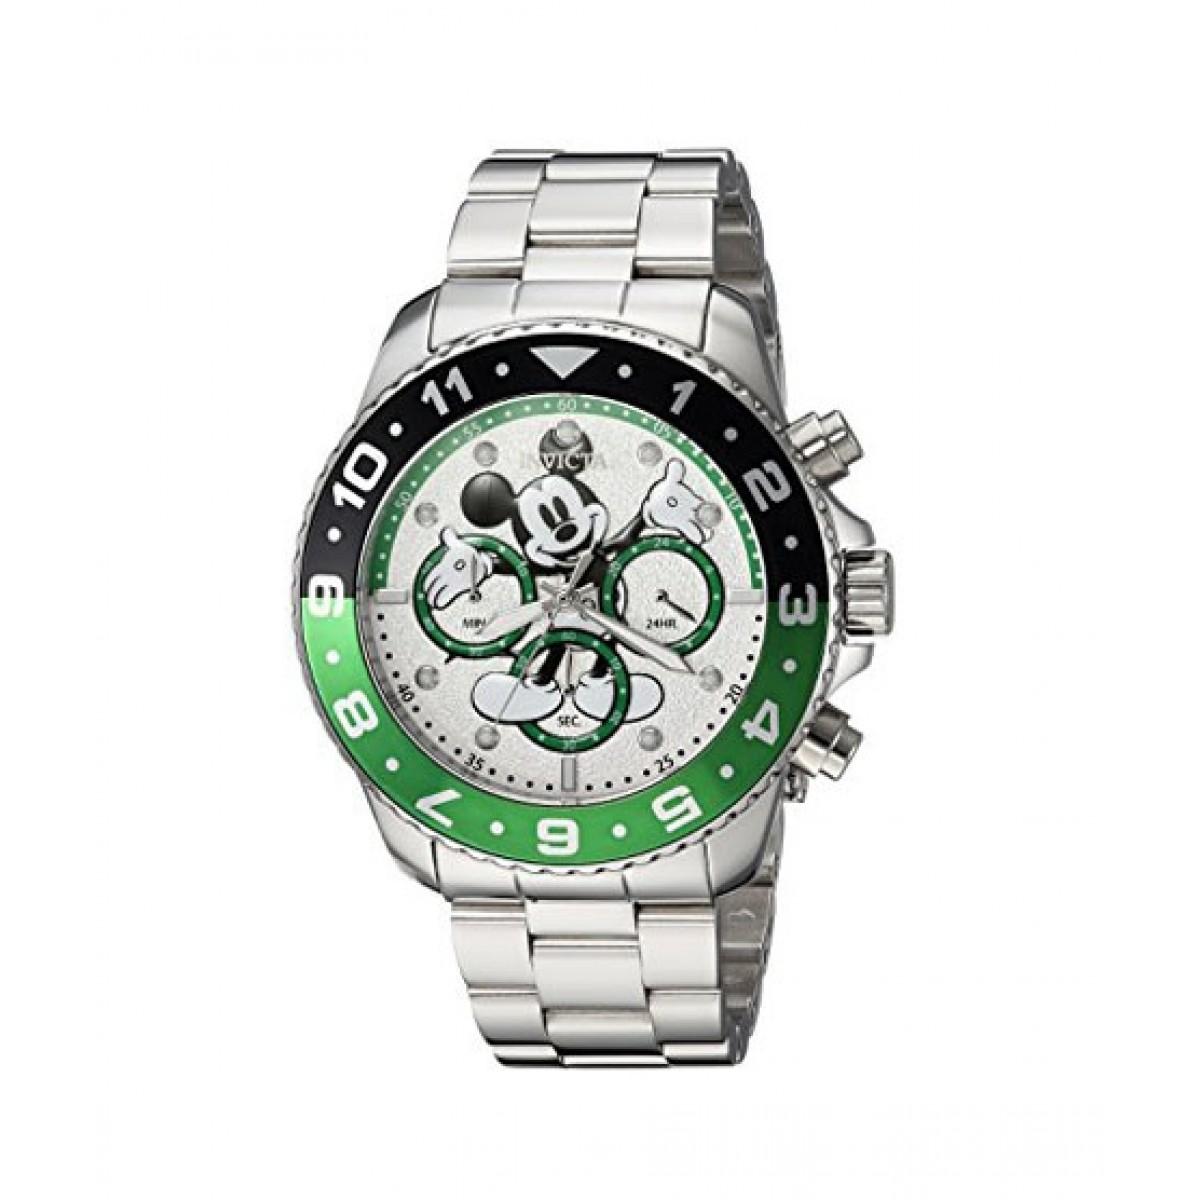 76cb566a89e7 Invicta Disney Limited Edition Men s Watch Price in Pakistan